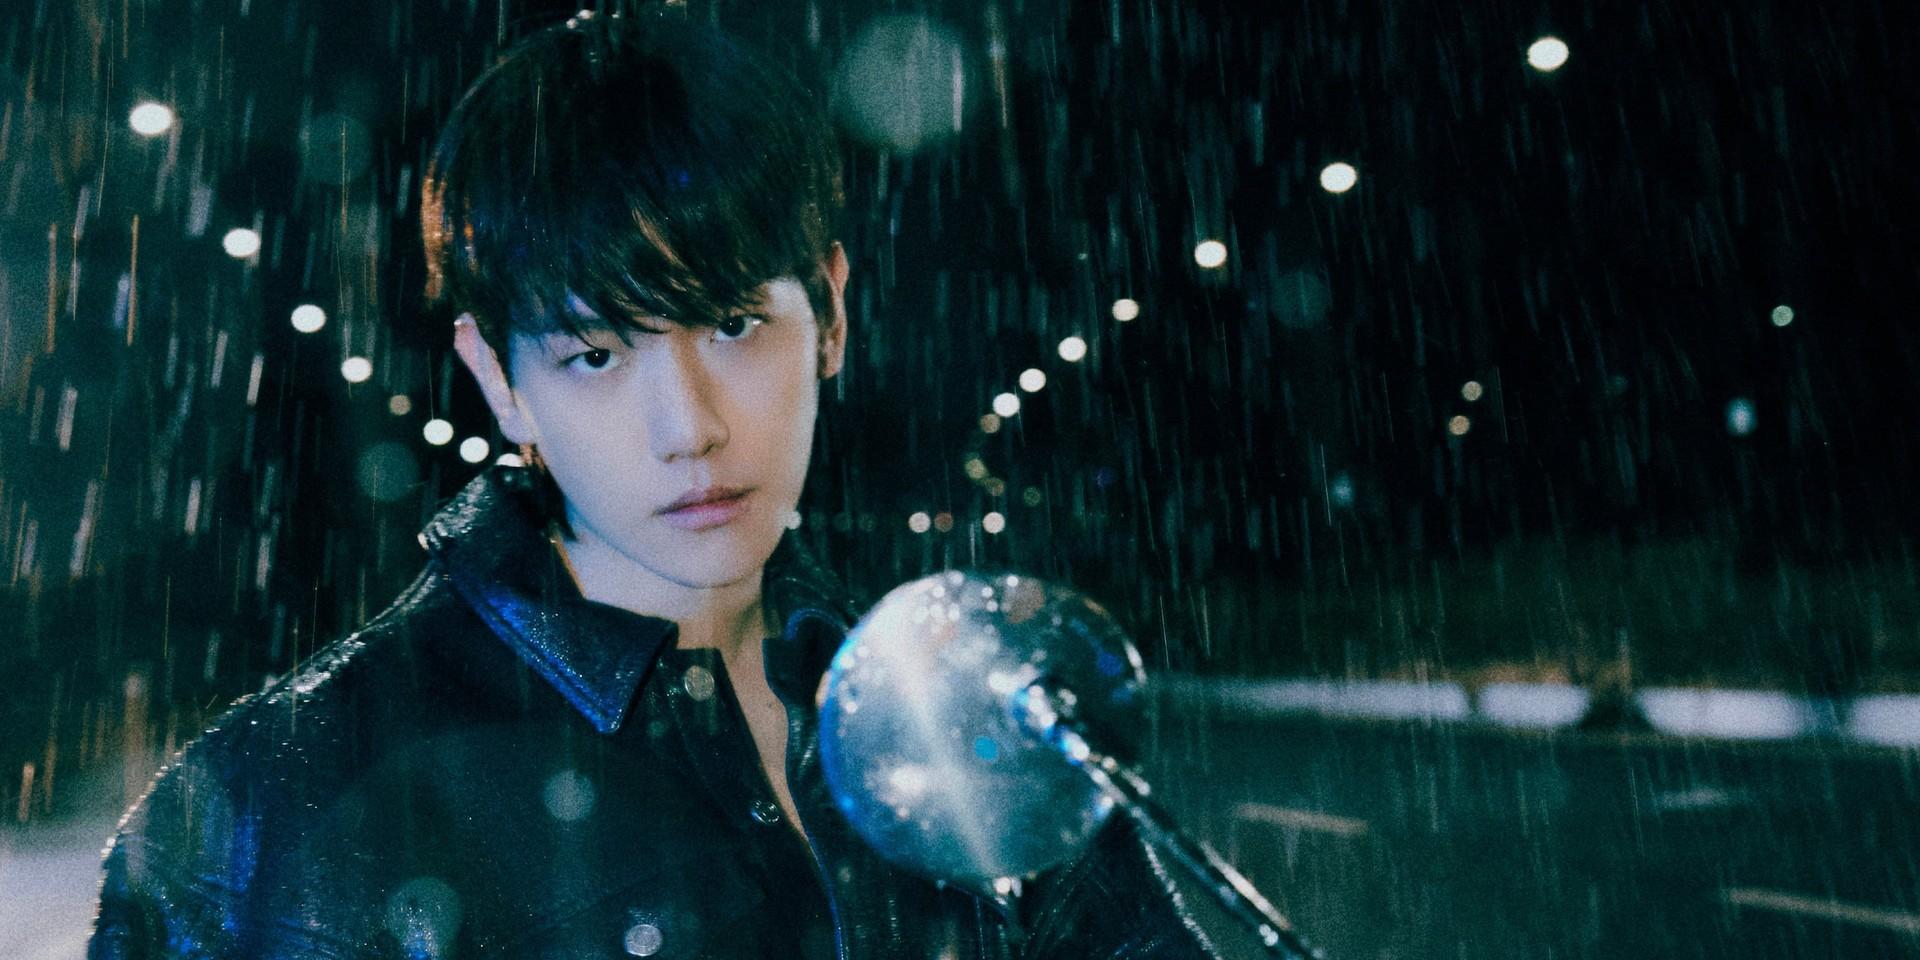 EXO's Baekhyun to drop a solo album, BAMBI, this March